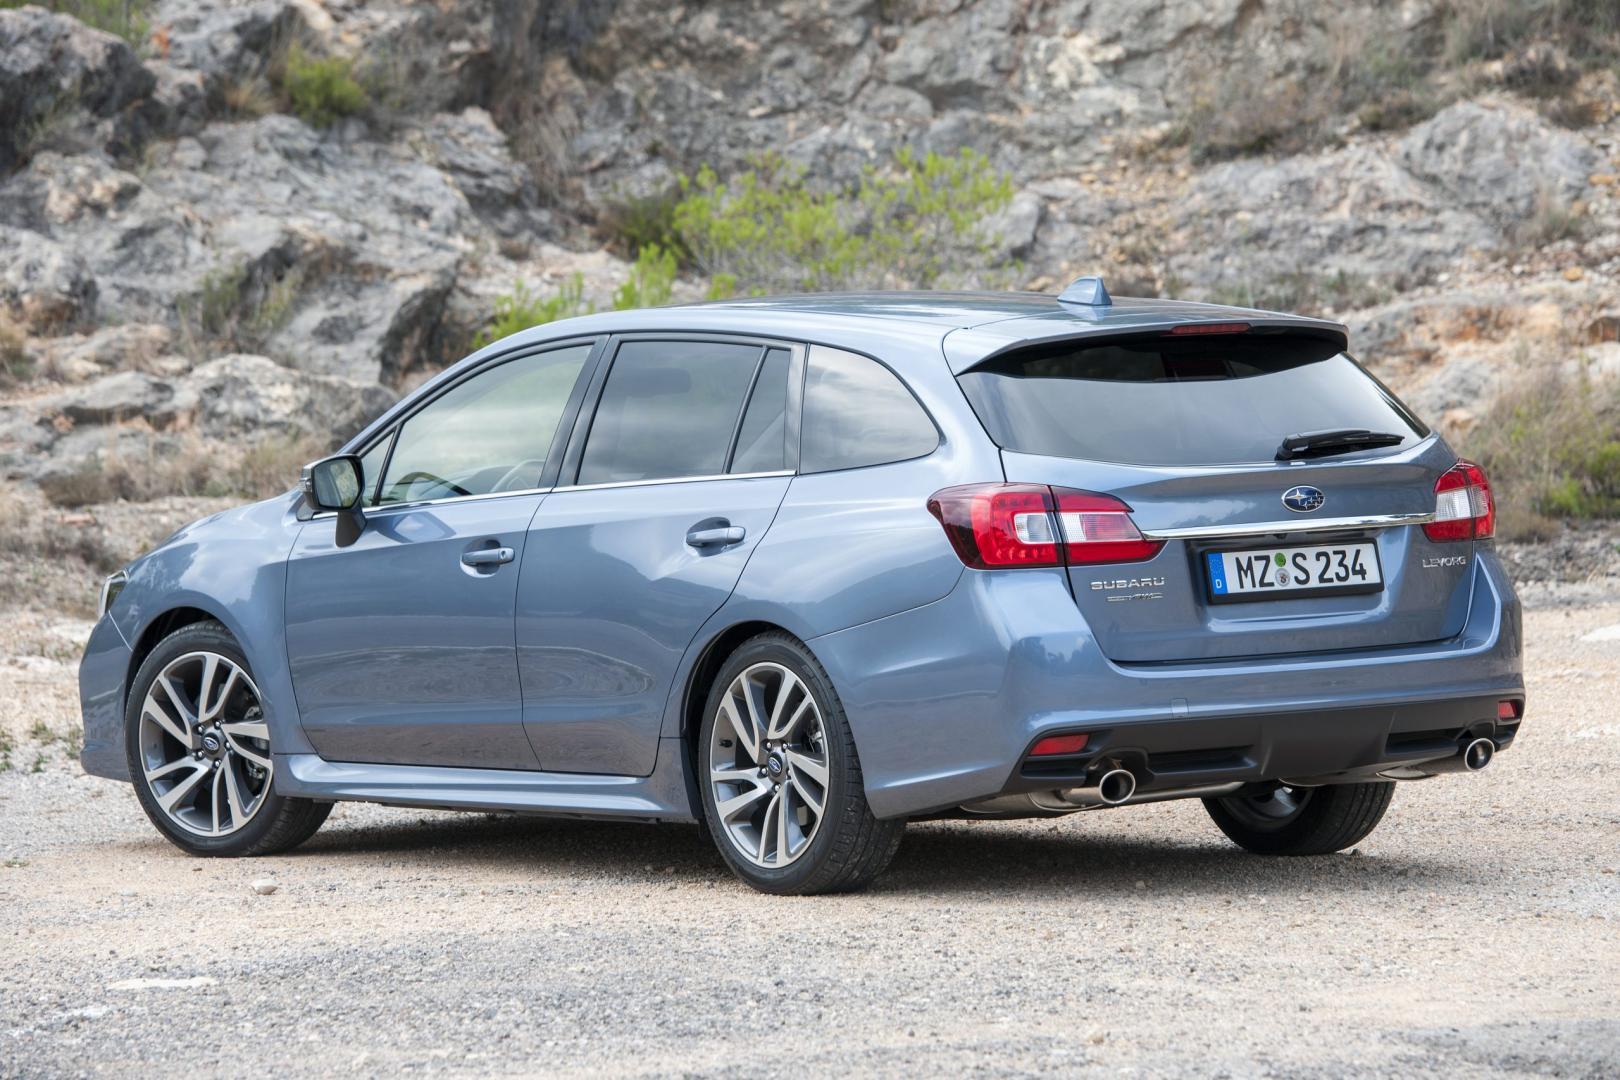 Subaru Levorg 1.6 GT-S Premium (2015)